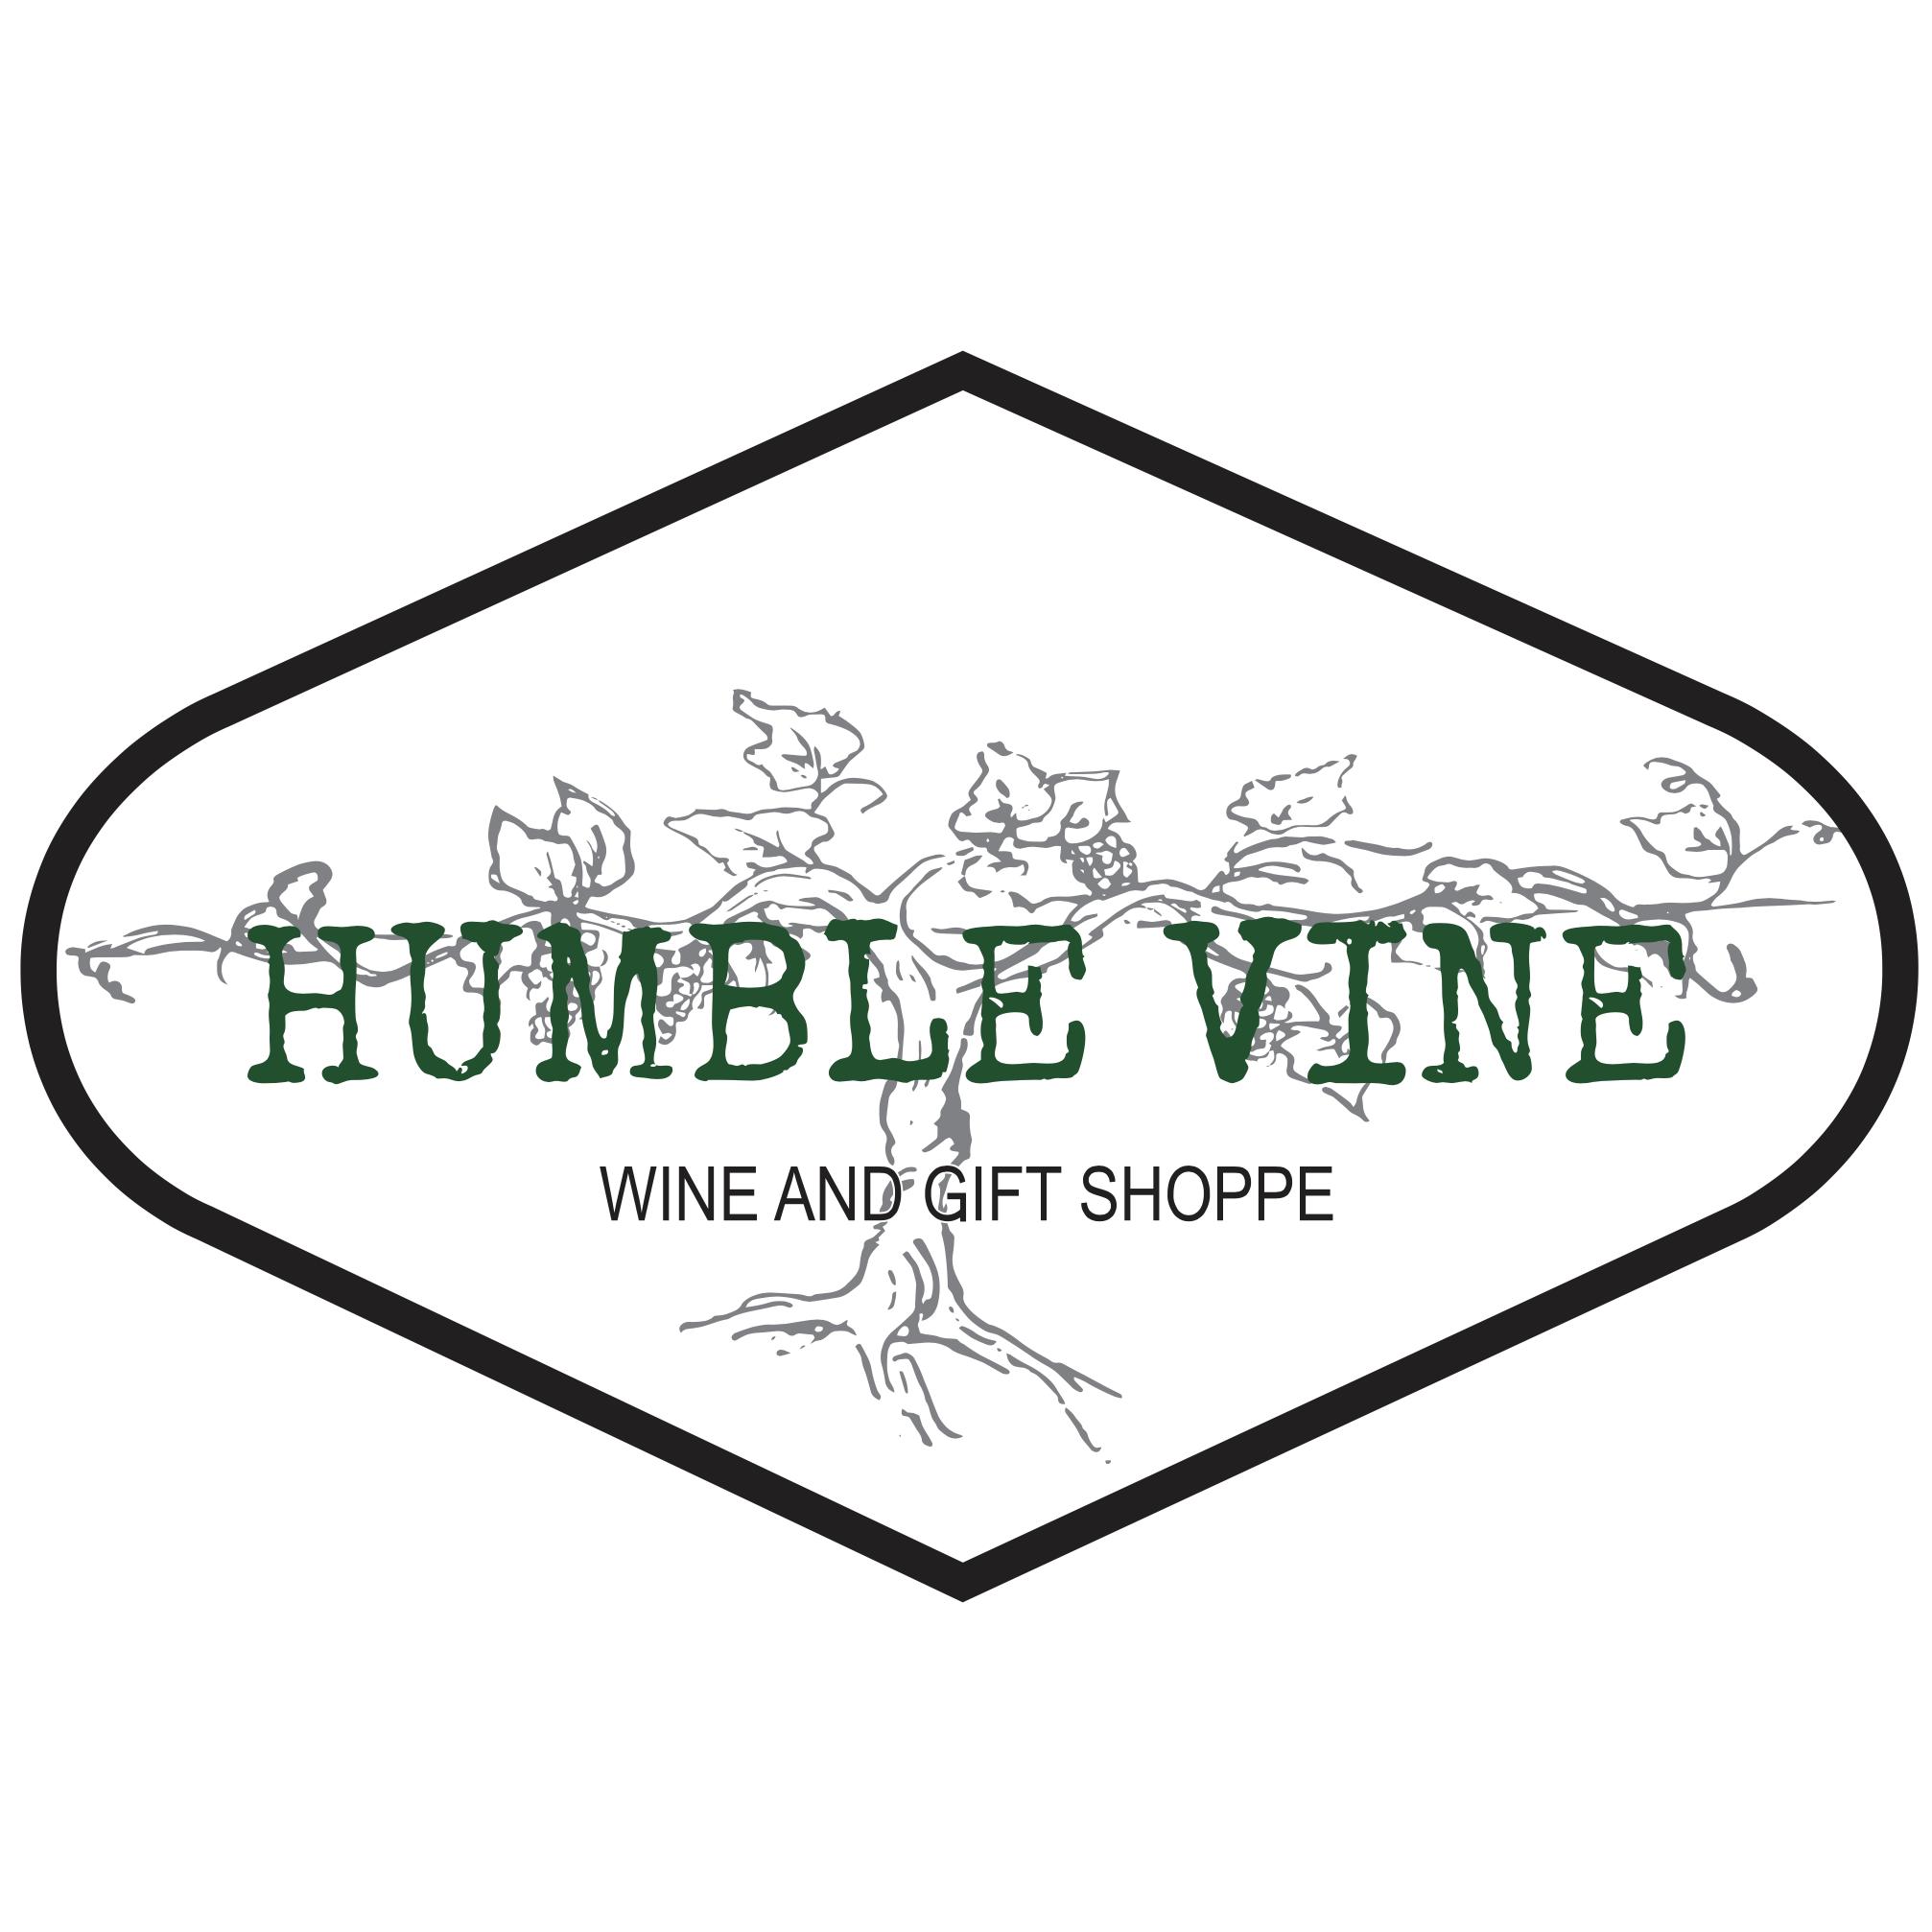 Humble Vine